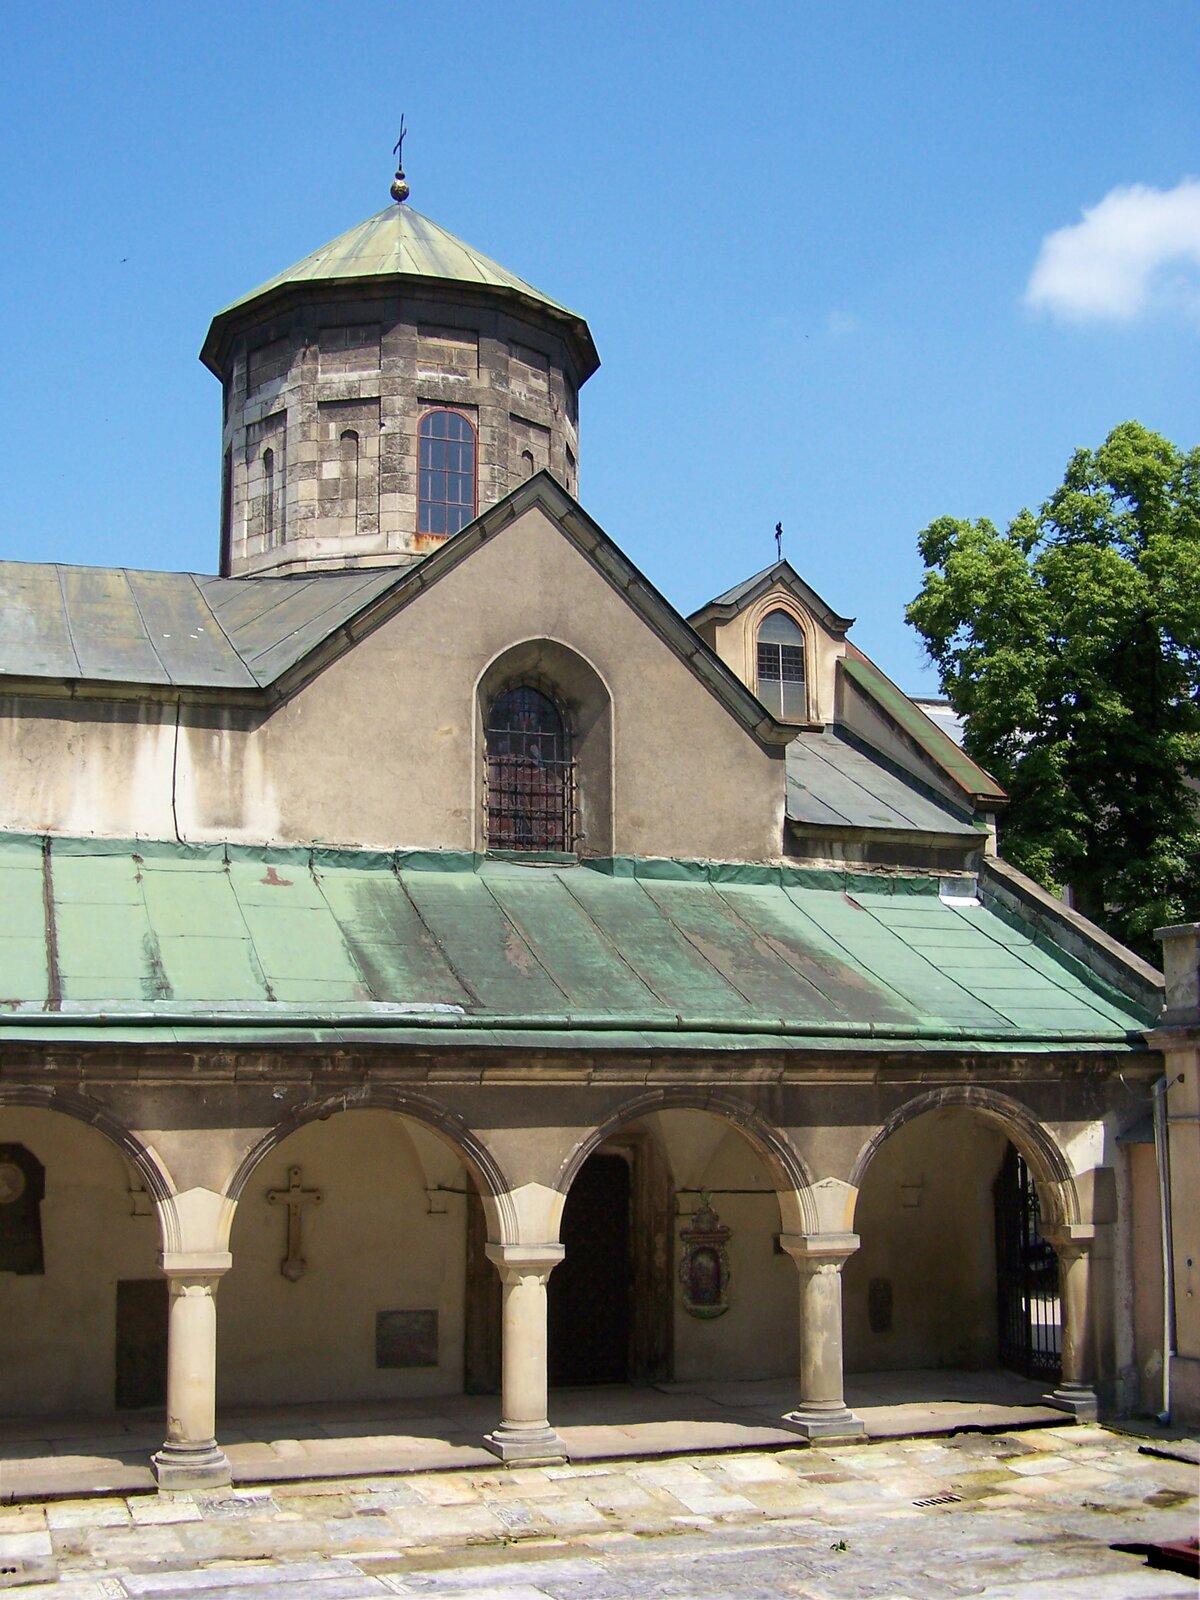 Katedra Ormiańska we Lwowie Katedra Ormiańska we Lwowie Źródło: Jan Mehlich, fotografia, Wikimedia Commons, licencja: CC BY-SA 3.0.